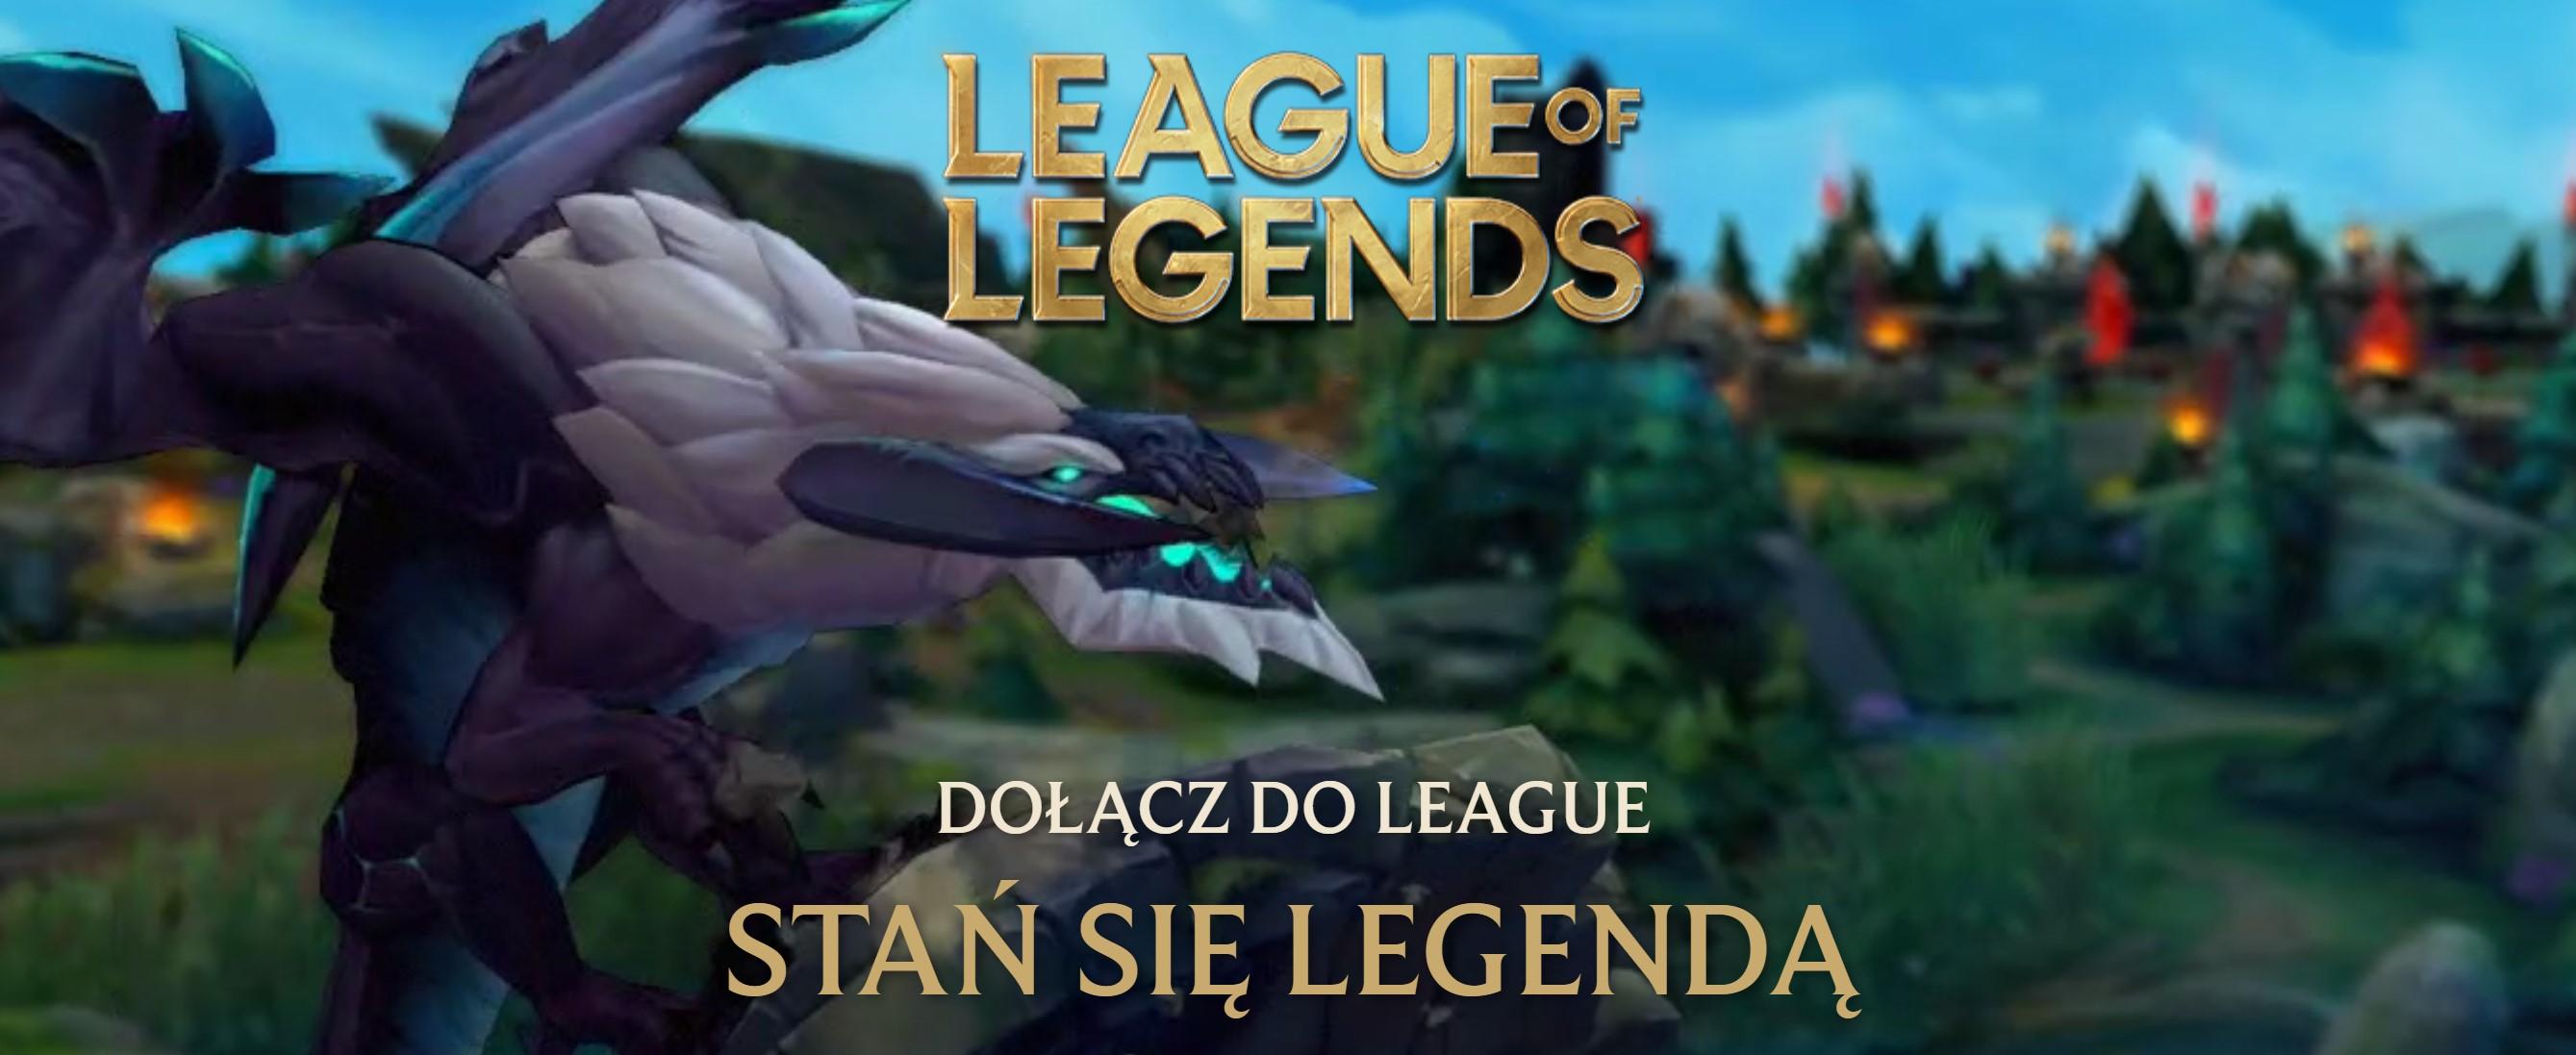 League of Legends trafi na Androida i iOS w 2020 roku 22